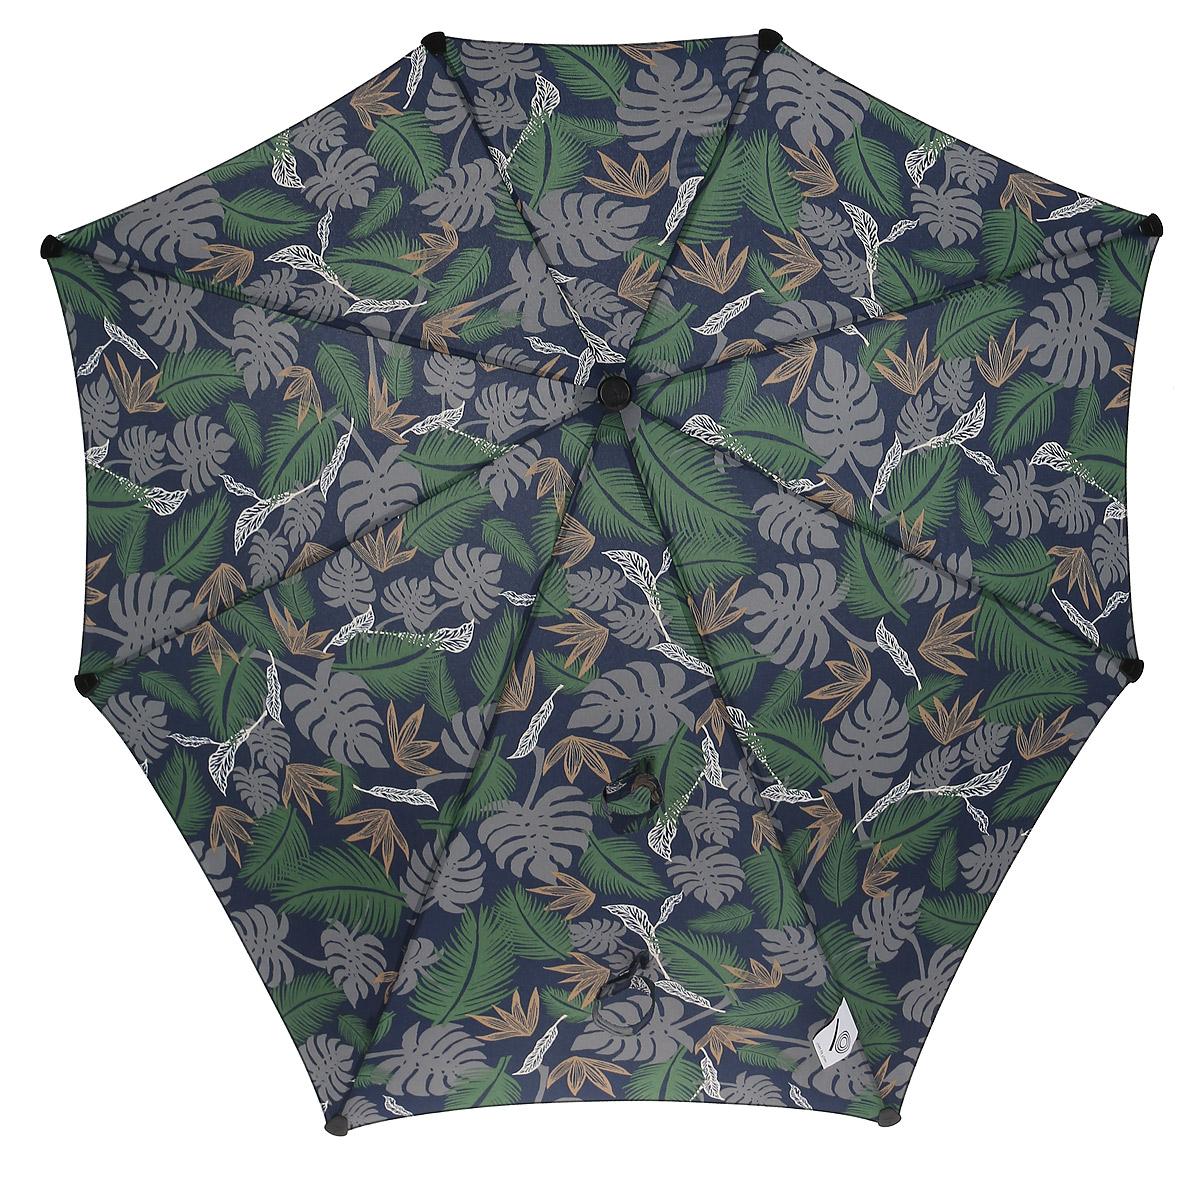 Зонт-трость Senz, цвет: синий, зеленый. 20140072014007Инновационный противоштормовый зонт, выдерживающий любую непогоду .Входит в коллекцию senz6, разработанную совместно со знаменитыми дизайнерами фэшн-индустрии и отвечающую новейшим веяниям моды. Форма купола продумана так, что вы легко найдете самое удобное положение на ветру – без паники и без борьбы со стихией. Закрывает спину от дождя. Благодаря своей усовершенствованной конструкции, зонт не выворачивается наизнанку даже при сильном ветре. Характеристики: - тип — трость - выдерживает порывы ветра до 100 км/ч - УФ-защита 50+ - удобная мягкая ручка - безопасные колпачки на кончиках спицах - в комплекте чехол с фирменным принтом - гарантия 2 года Размер купола - 90 х 87 см, длина в сложенном виде - 79 см. Весит 440 г.